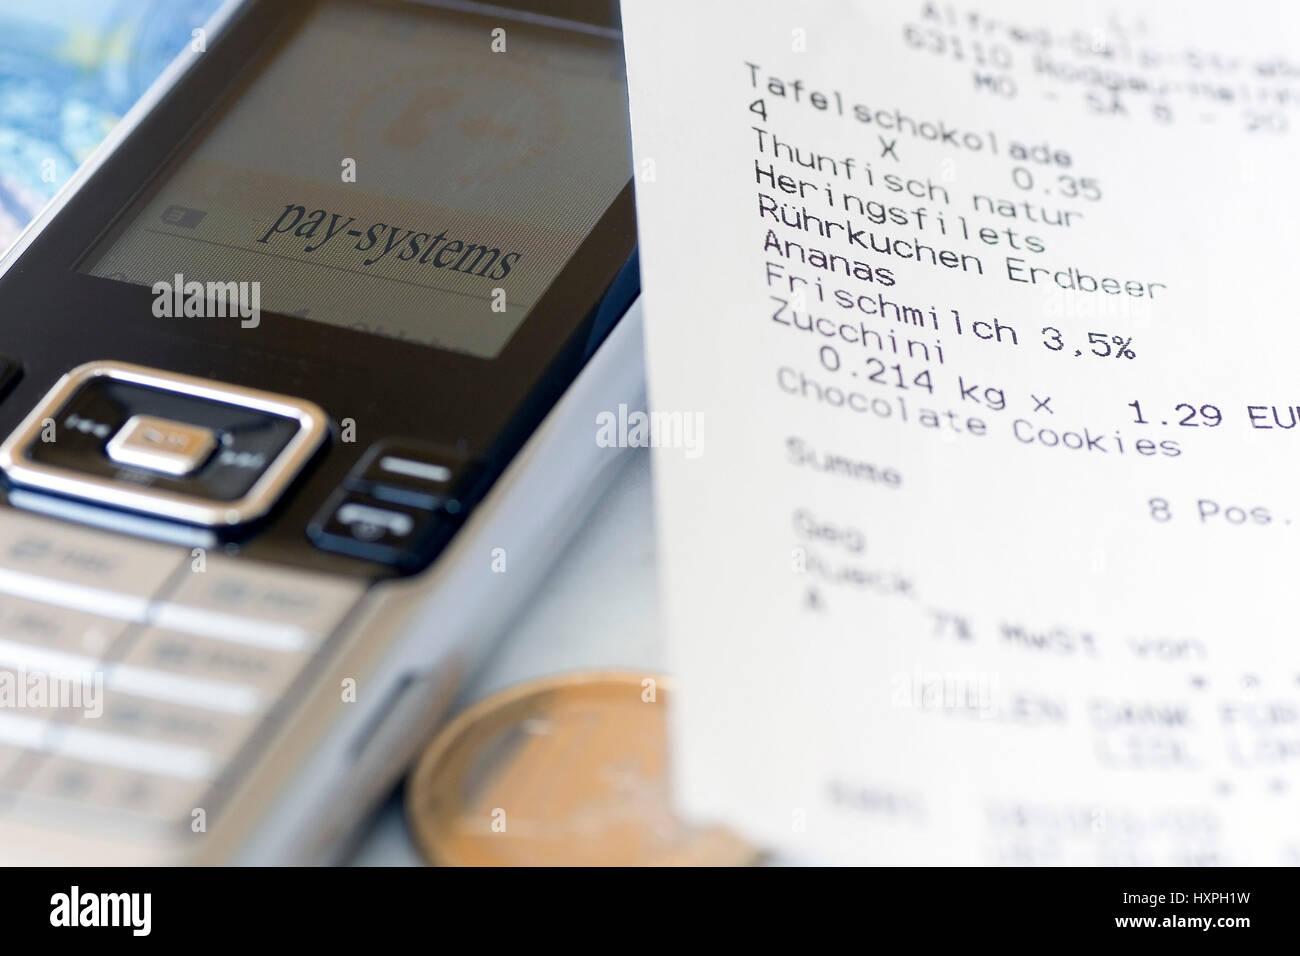 Mobile phone with receipt (no Pr), Handy mit Kassenbon (no pr) Stock Photo